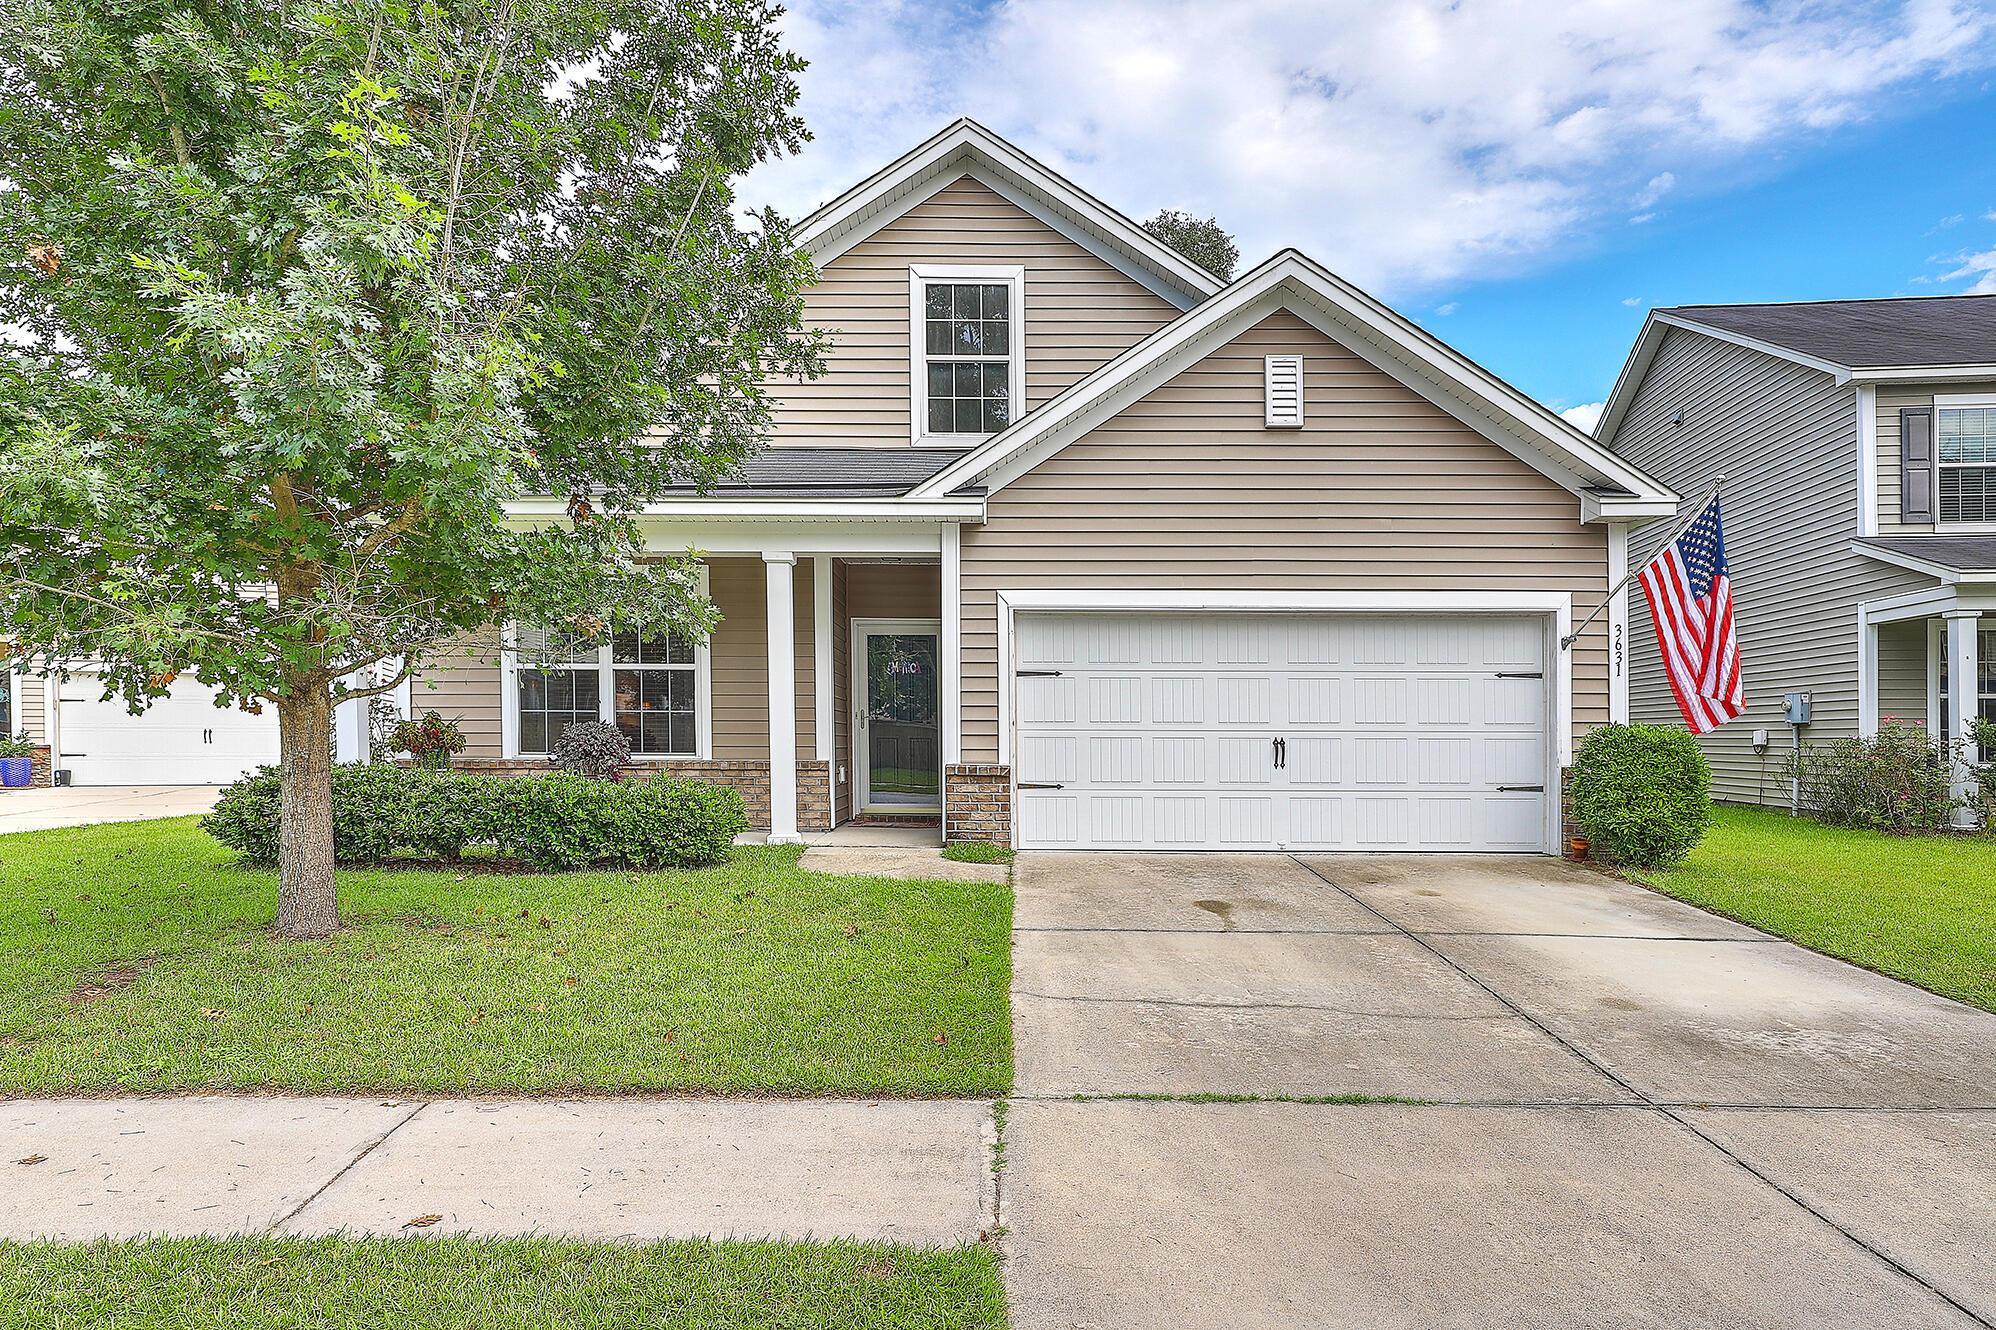 Lieben Park Homes For Sale - 3631 Franklin Tower, Mount Pleasant, SC - 20